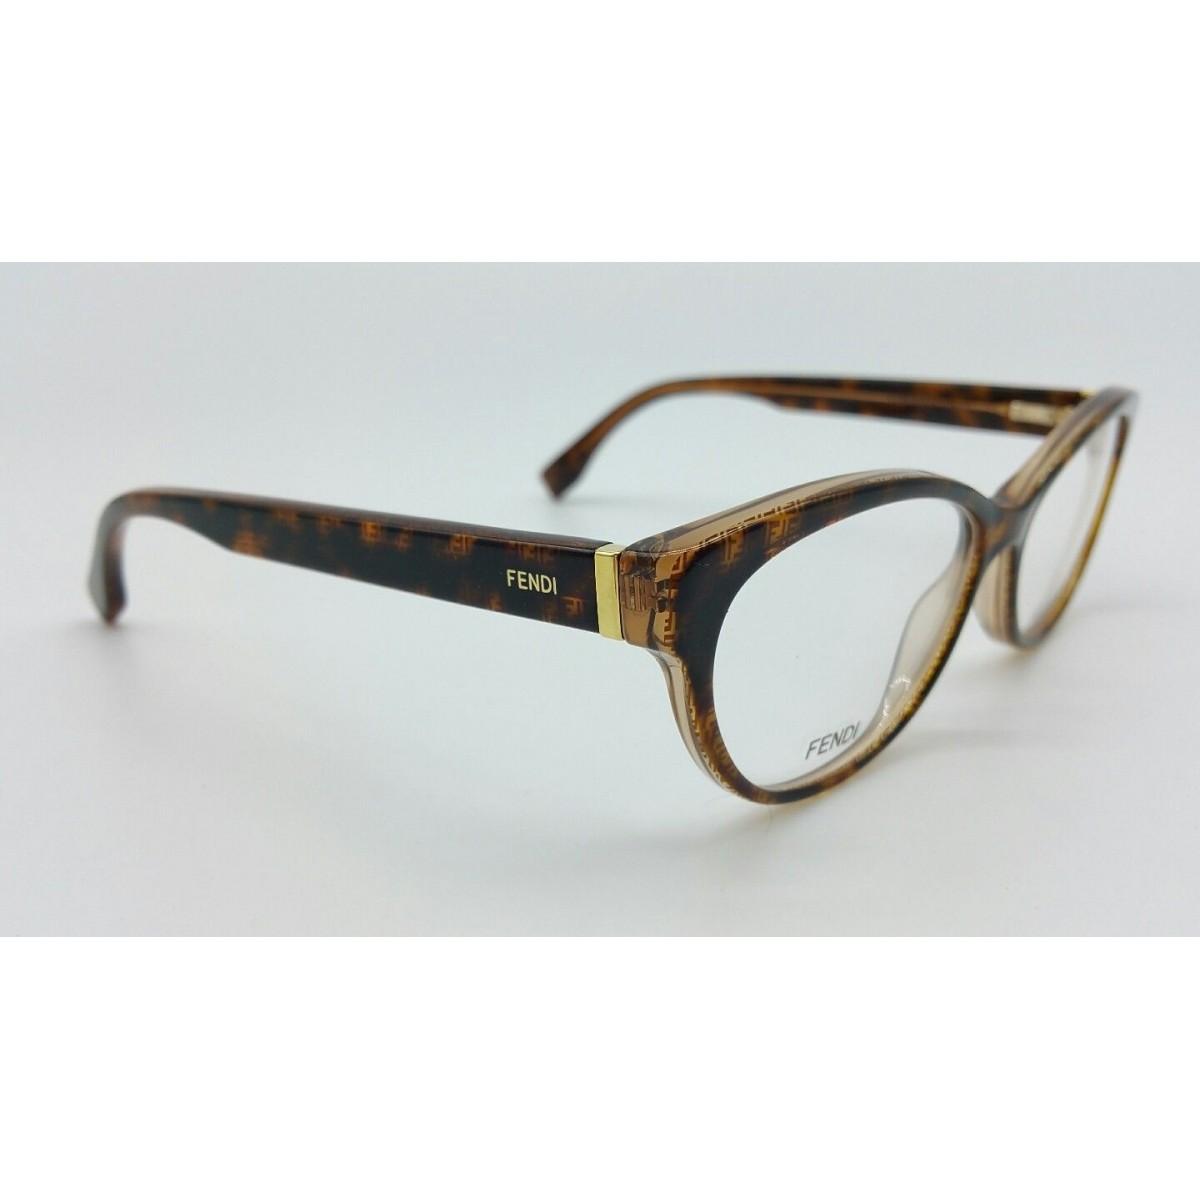 FENDI FF0109 - Tartaruga/Transparente - 7PM 54-15 140